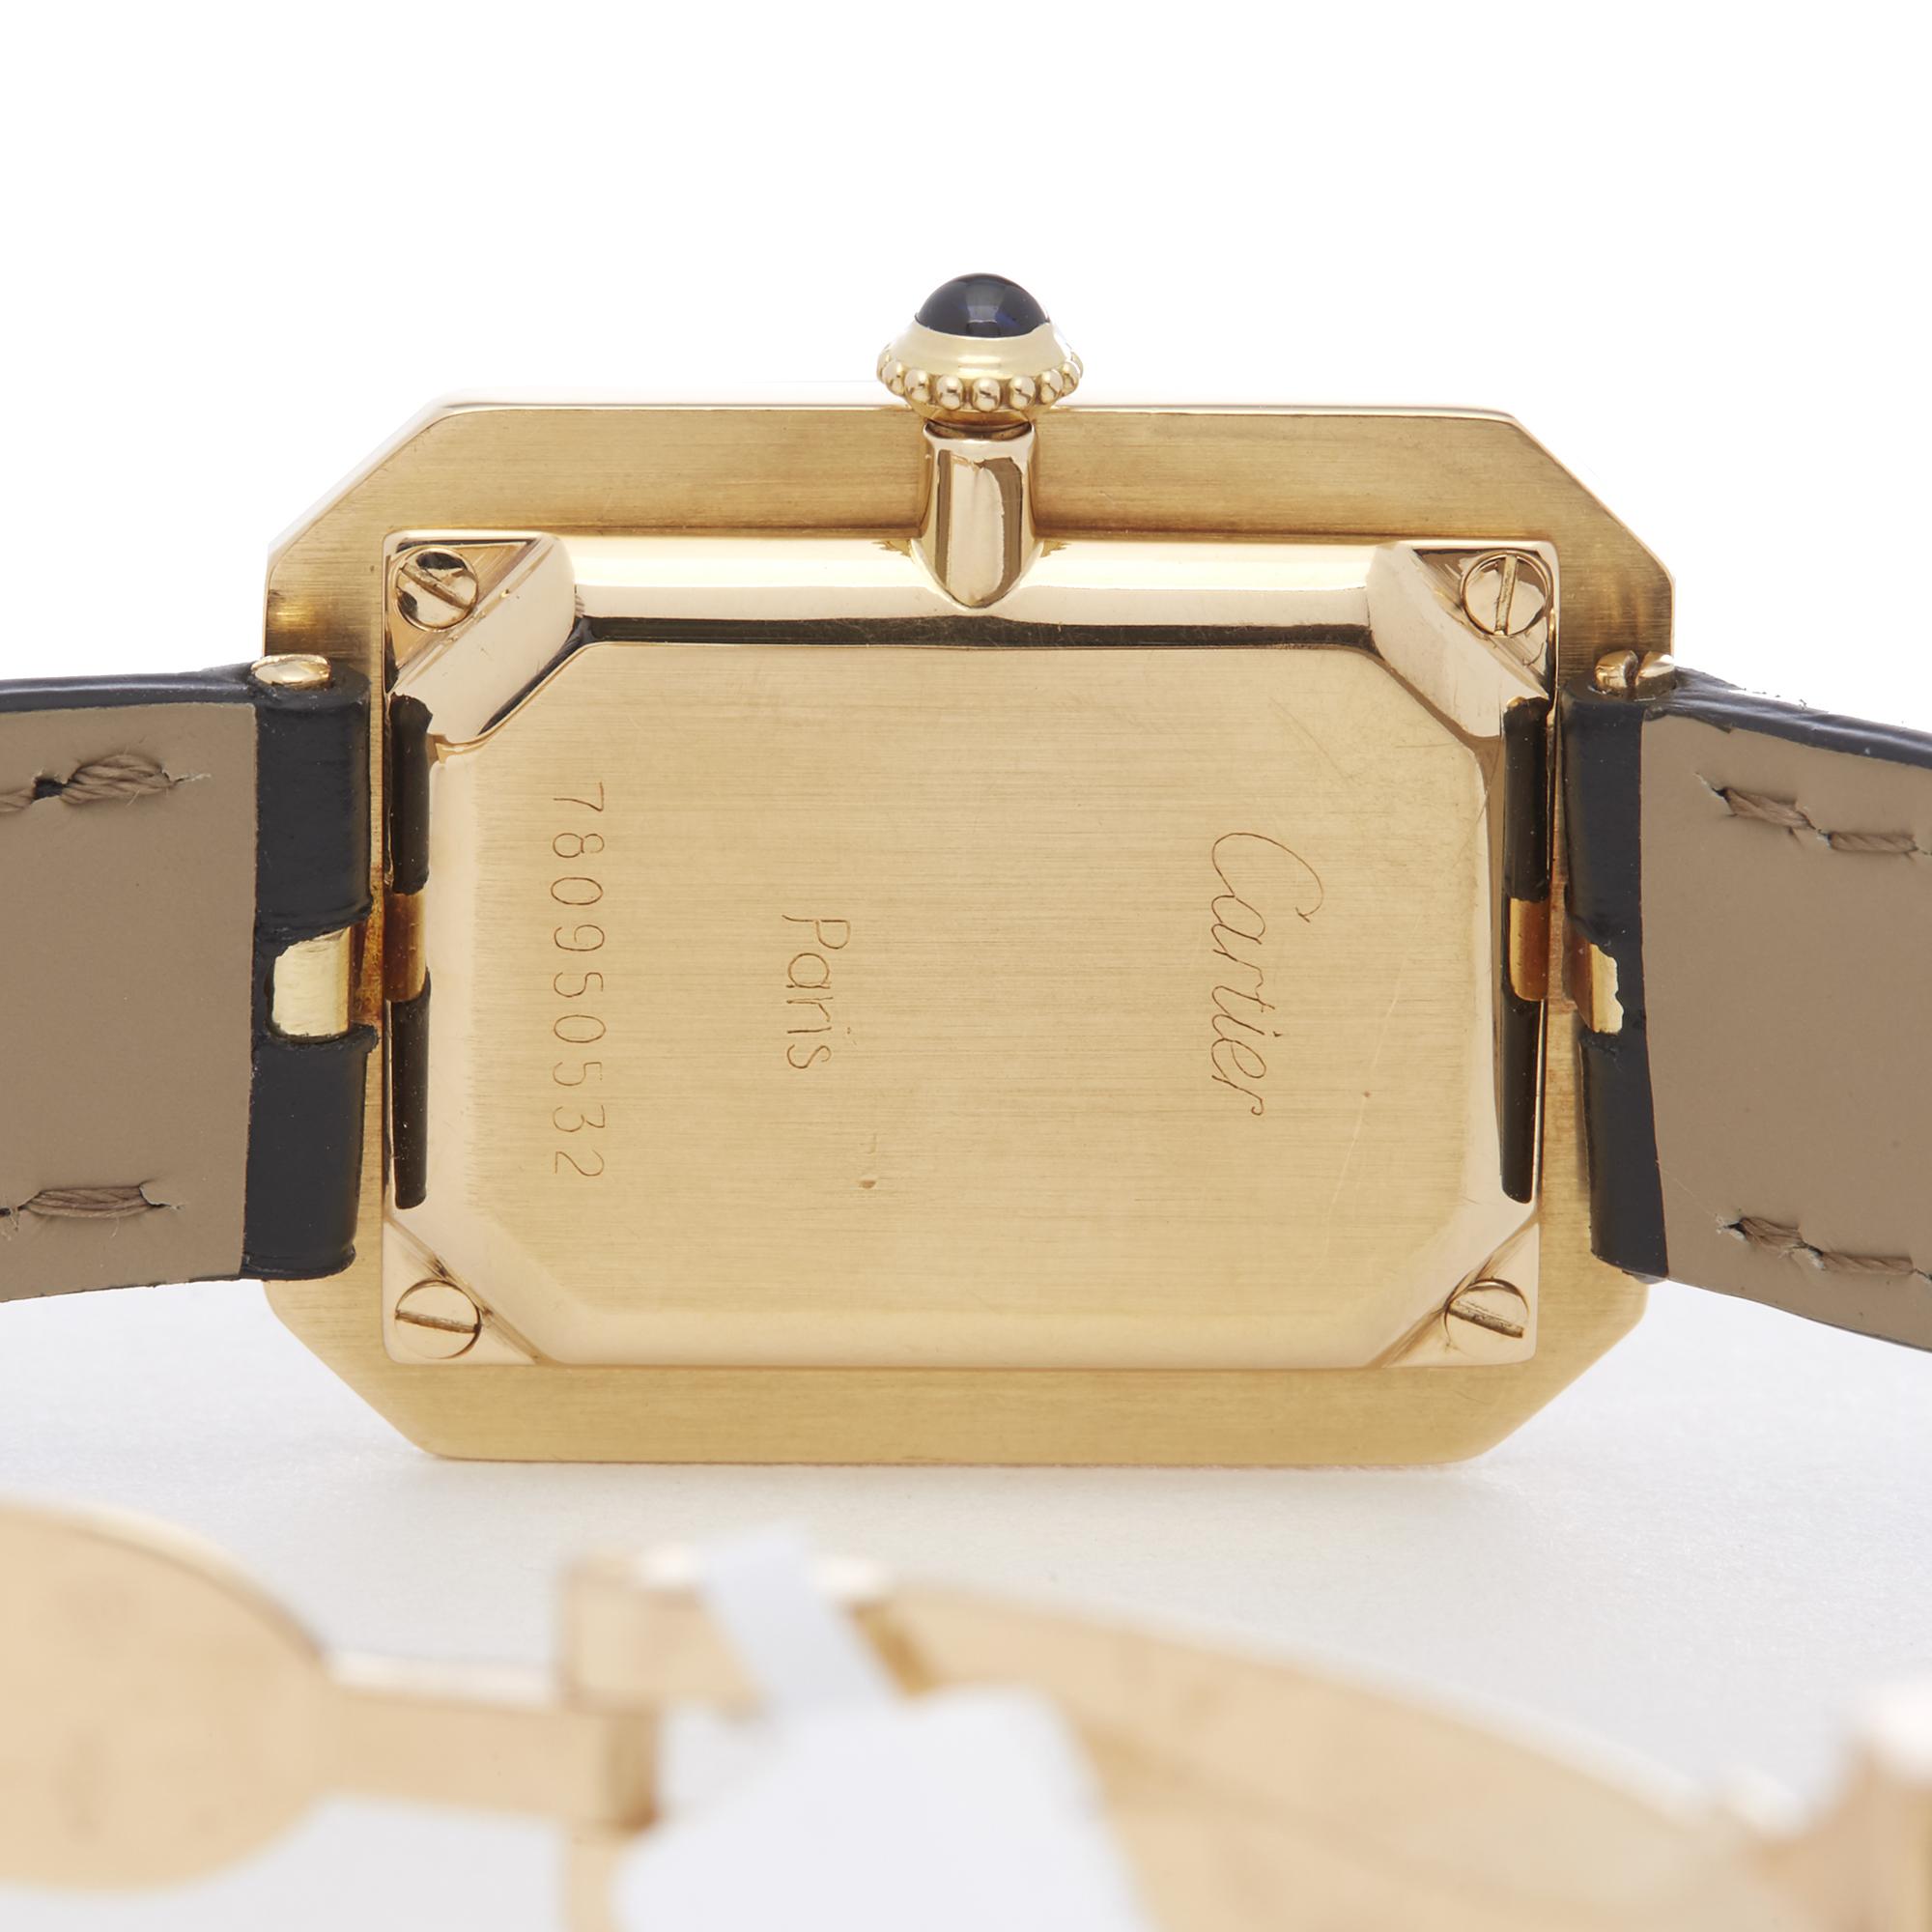 Cartier Cristallor Ladies Yellow Gold Paris Mecanique Watch - Image 4 of 8